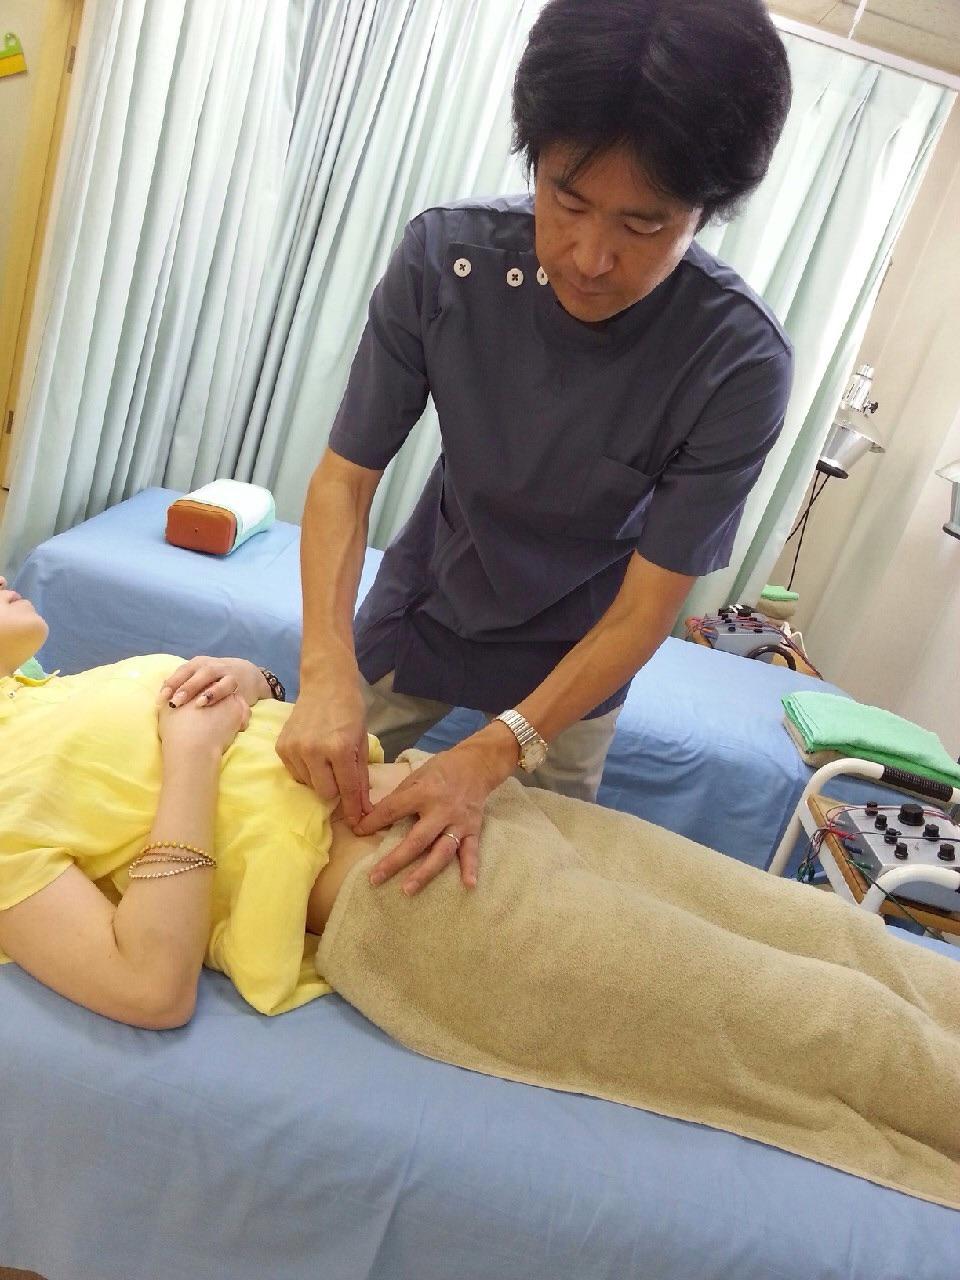 大阪市平野区Kさん耳つぼ痩身法で1ヶ月3kg痩せたらお腹周りが8cmサイズダウン